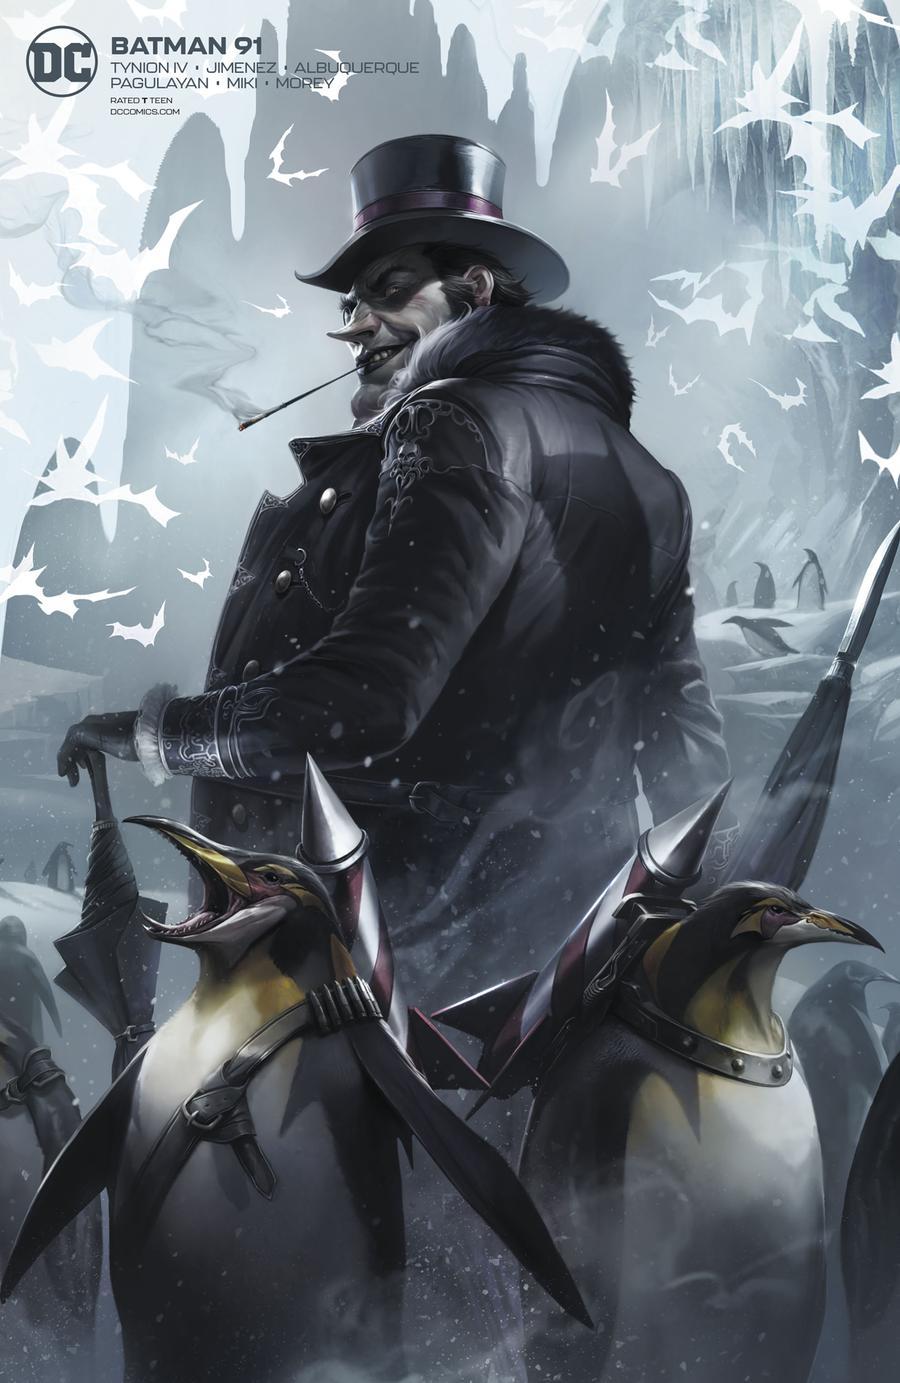 Batman Vol 3 #91 Cover B Variant Francesco Mattina Card Stock Cover